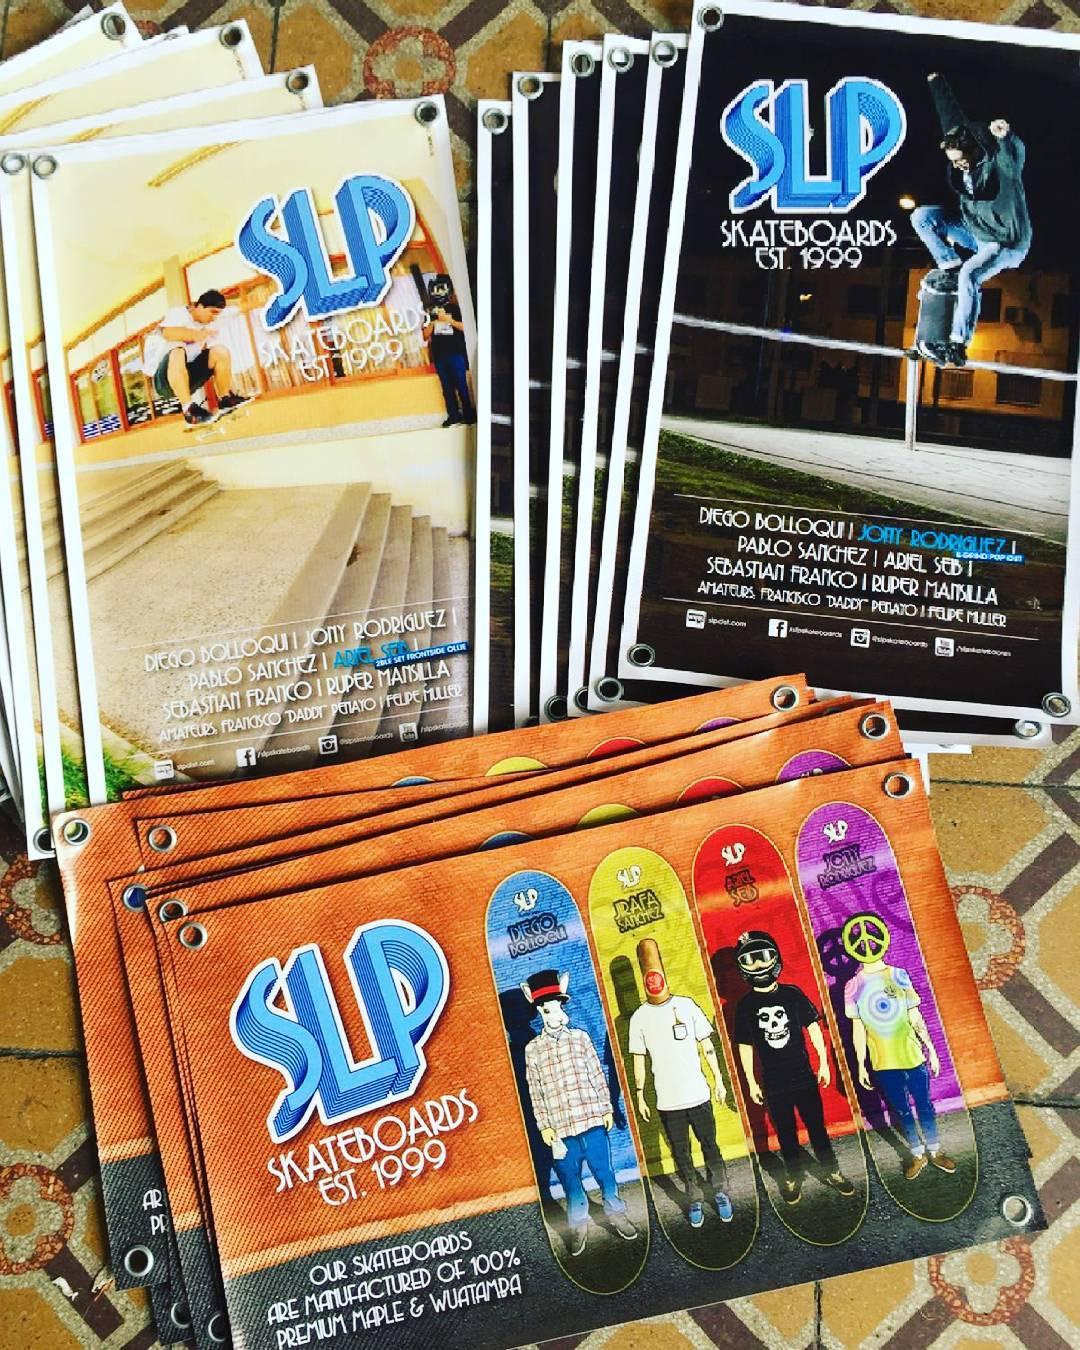 Nuevos banners ! Apoyamos con presencia de marca a nuestros riders y tu skateshop ó action sportshop. → Desde 1999 en las calles...!! #slp #slpskateboards #banners #slpteam #nuevos #skateshops #skateboarding #actionsportshops